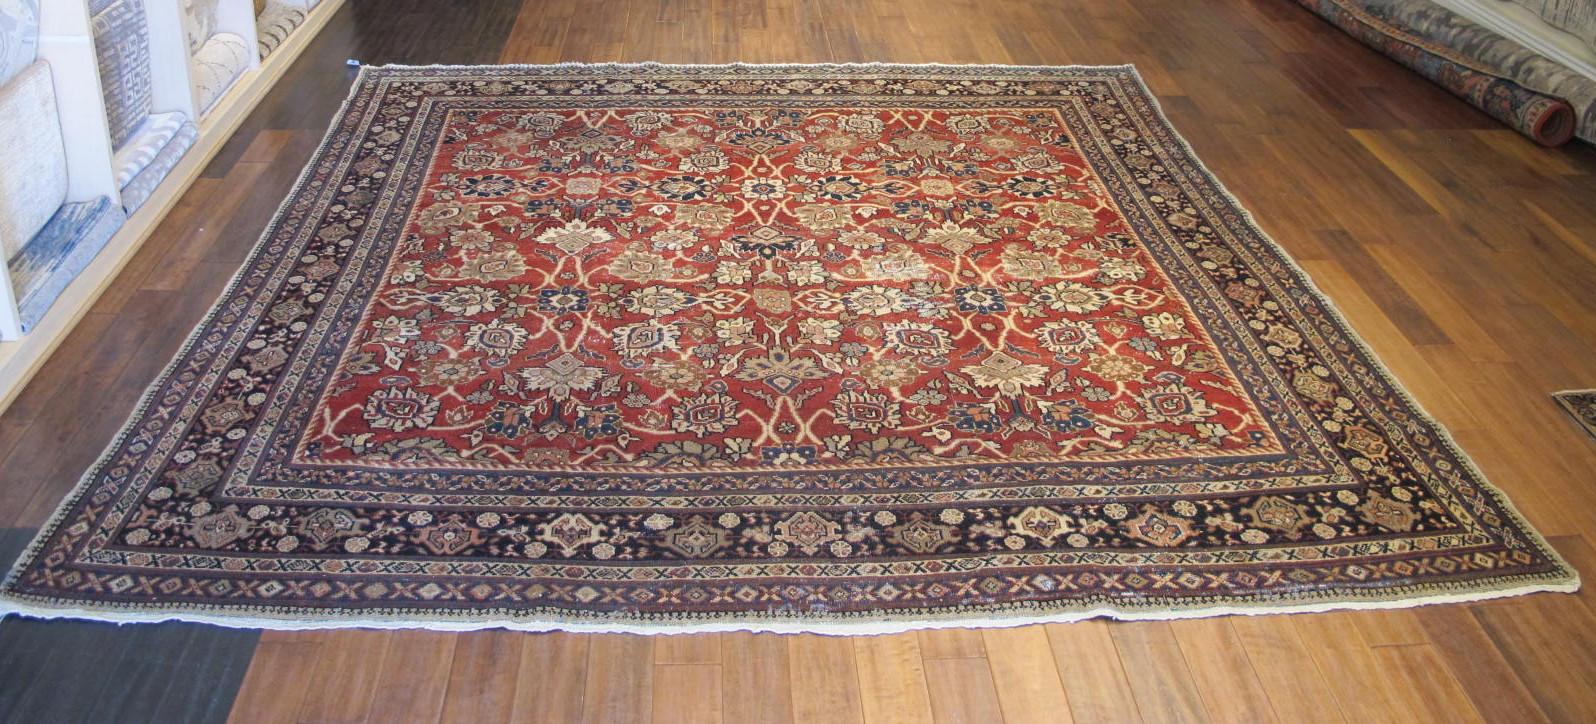 23097 persian mahal rug 10,6 x 10,6 (1)